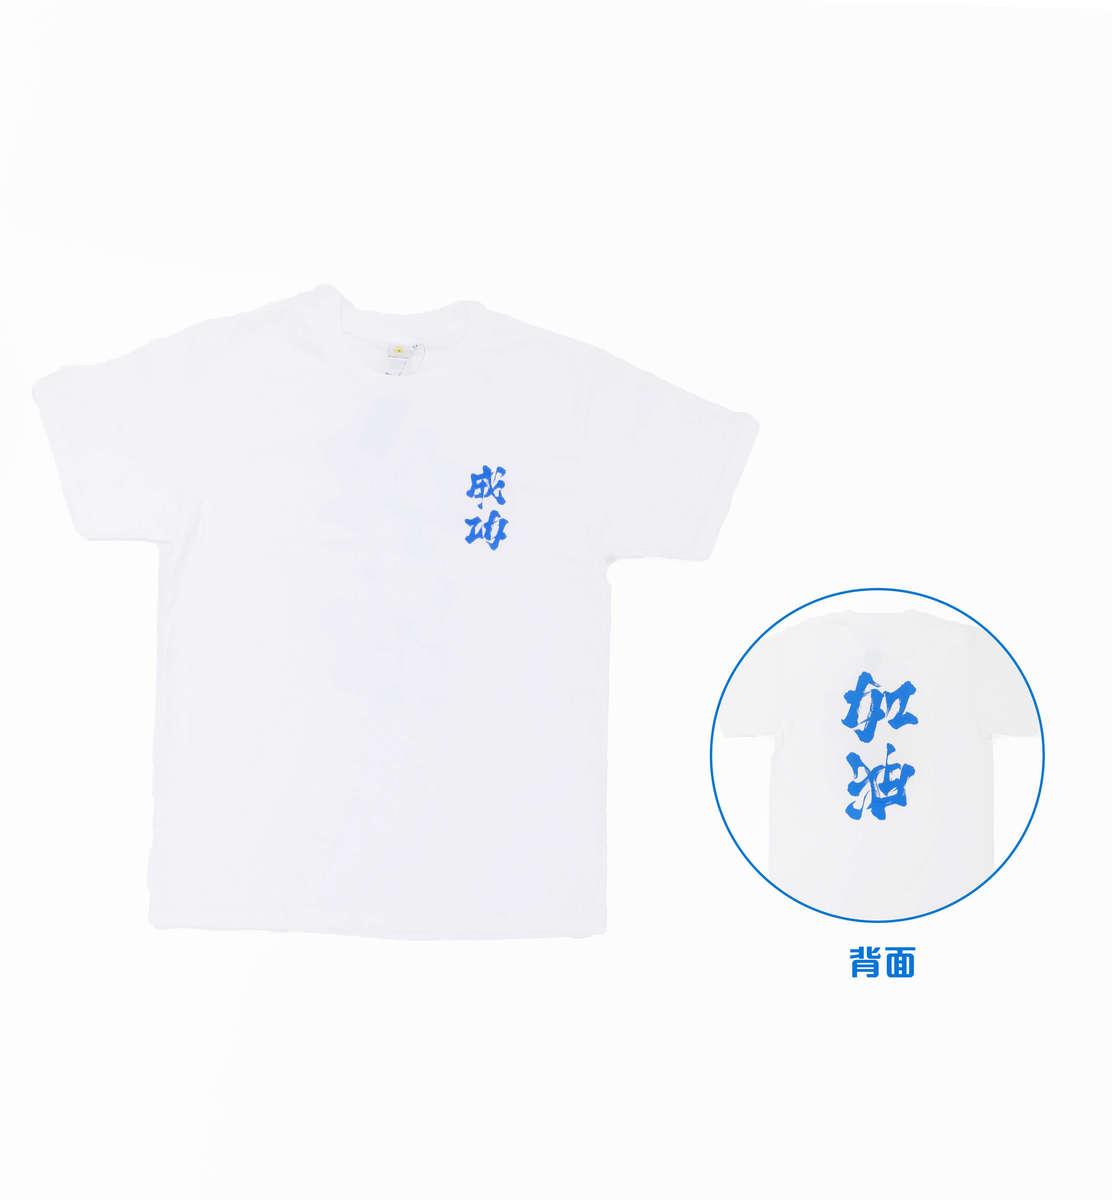 成功(F)/加油(B)-Tshirt-白底藍字(M)